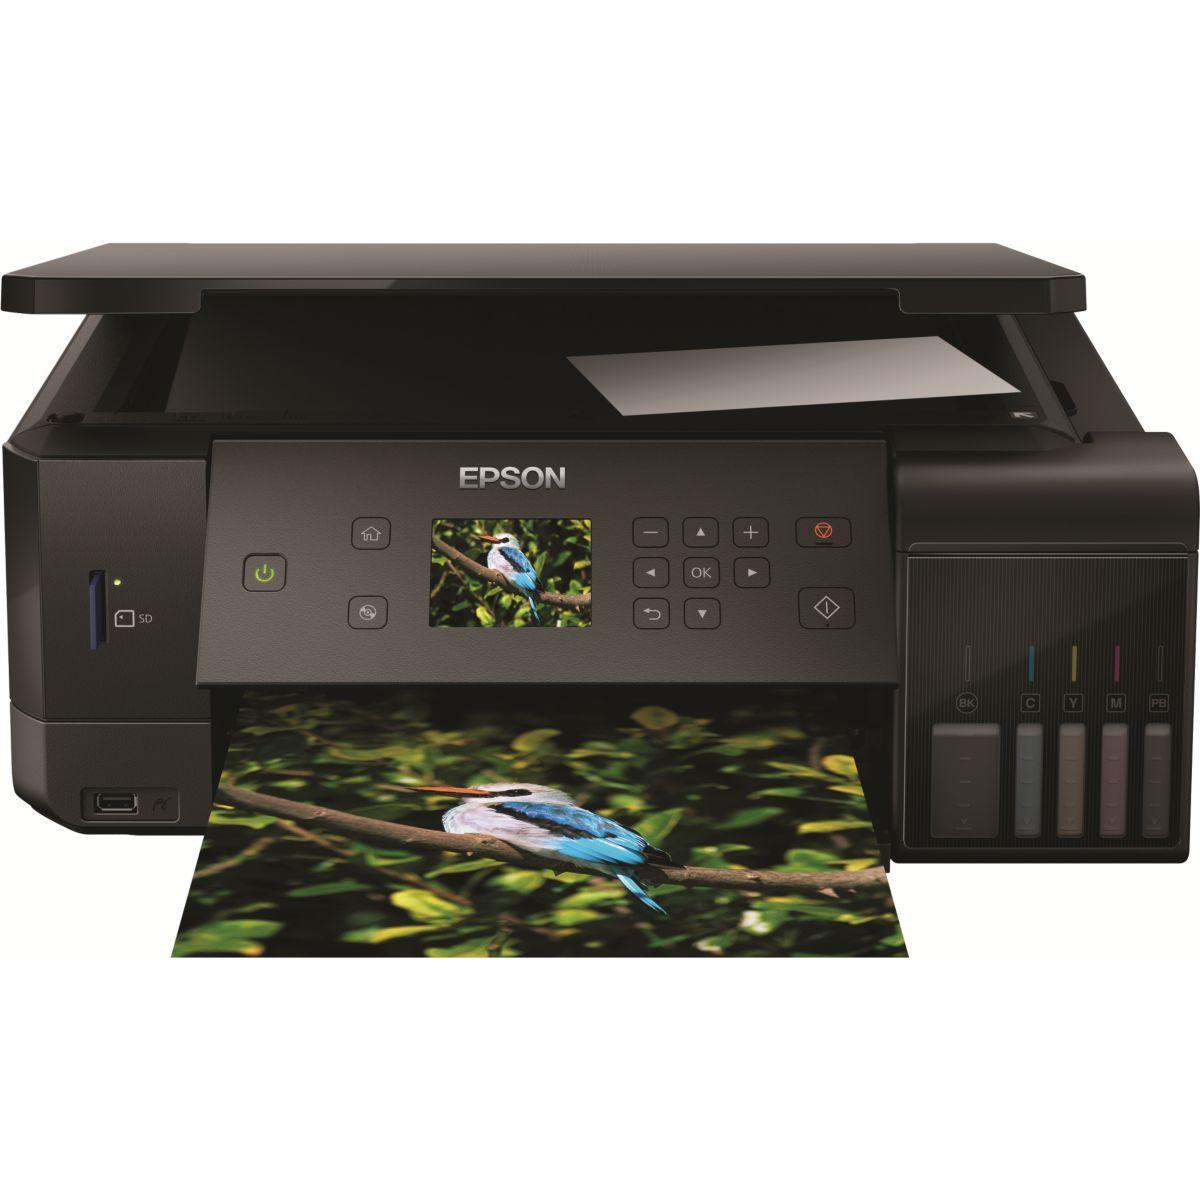 Imprimante jet d'encre epson ecotank et-7700 - livraison offerte : code livrelais (photo)